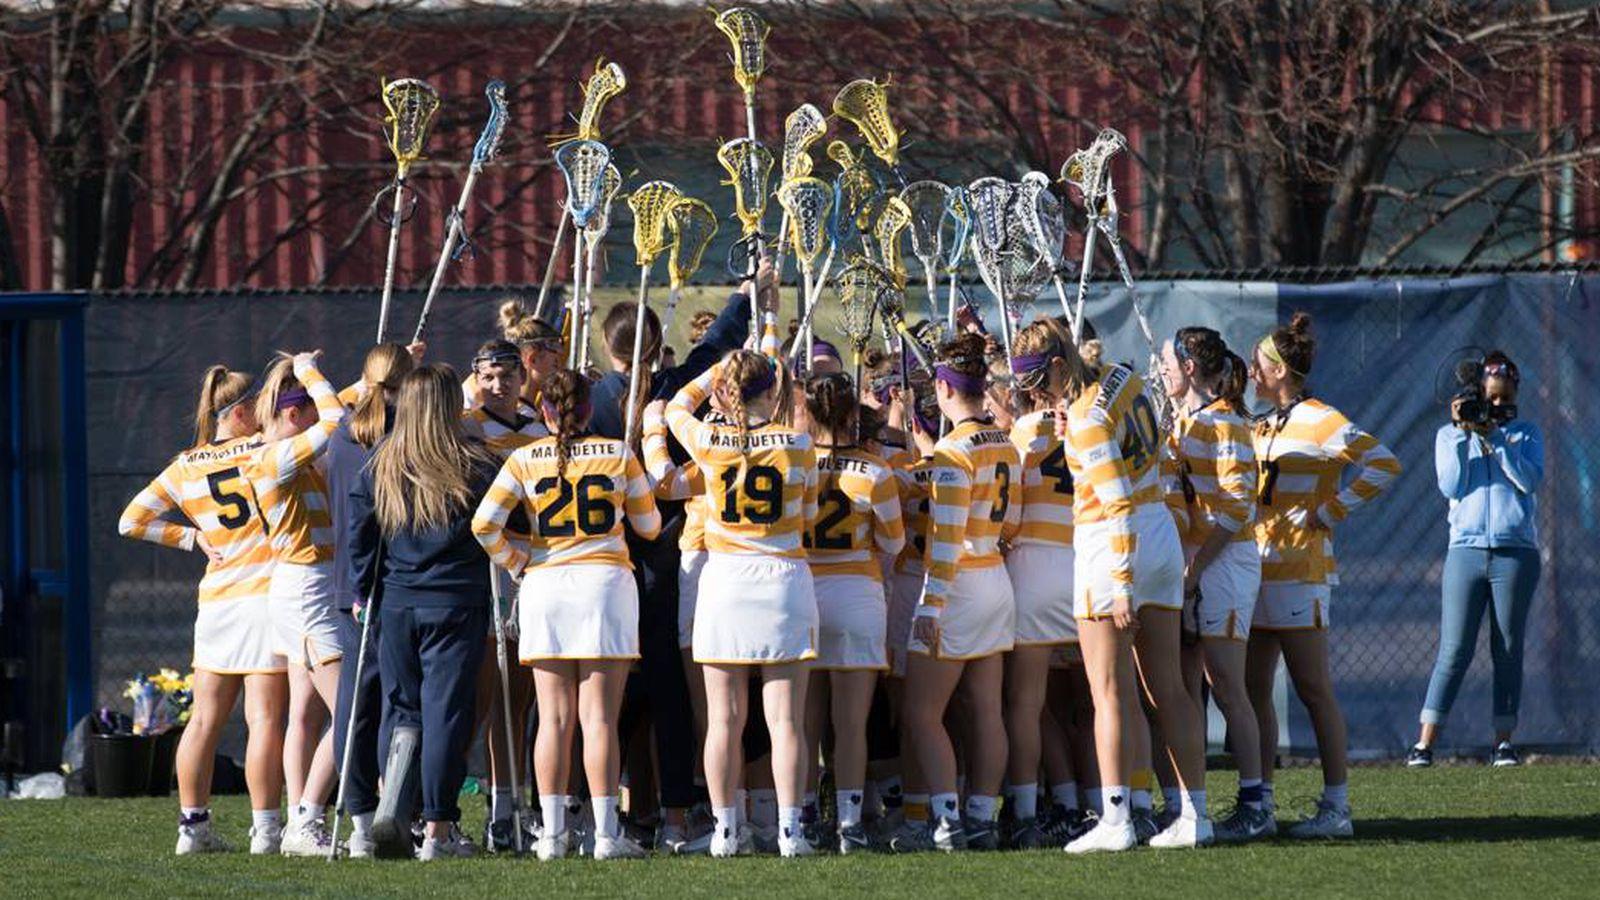 Women_s_lacrosse_huddle_via_fb.0